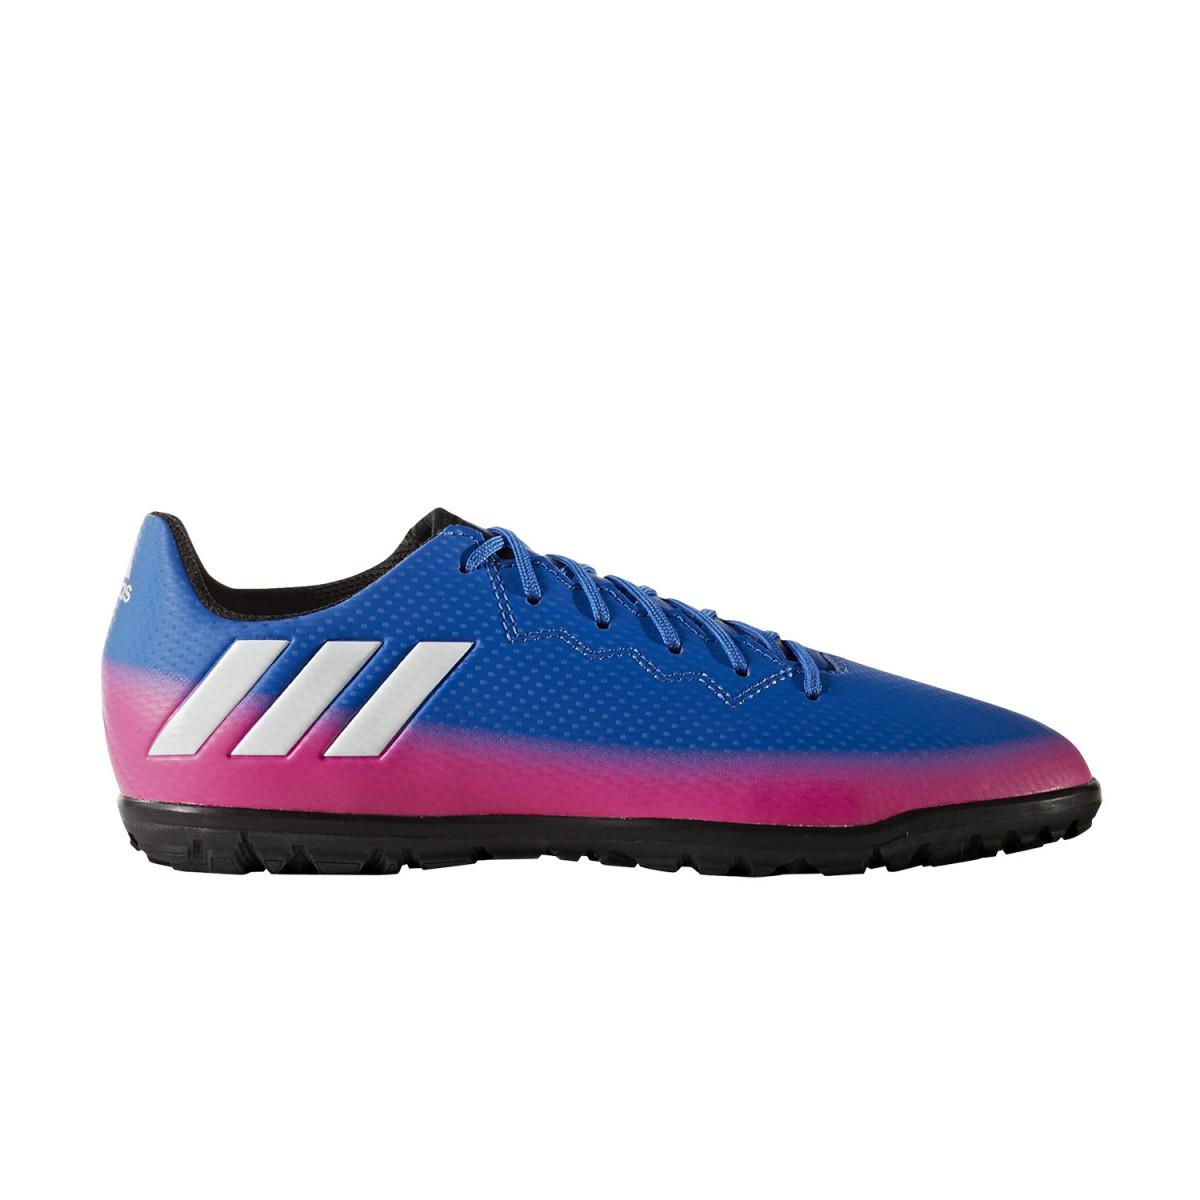 31c1ae2ab67 Botines Adidas Messi 16.3 Tf - Niños